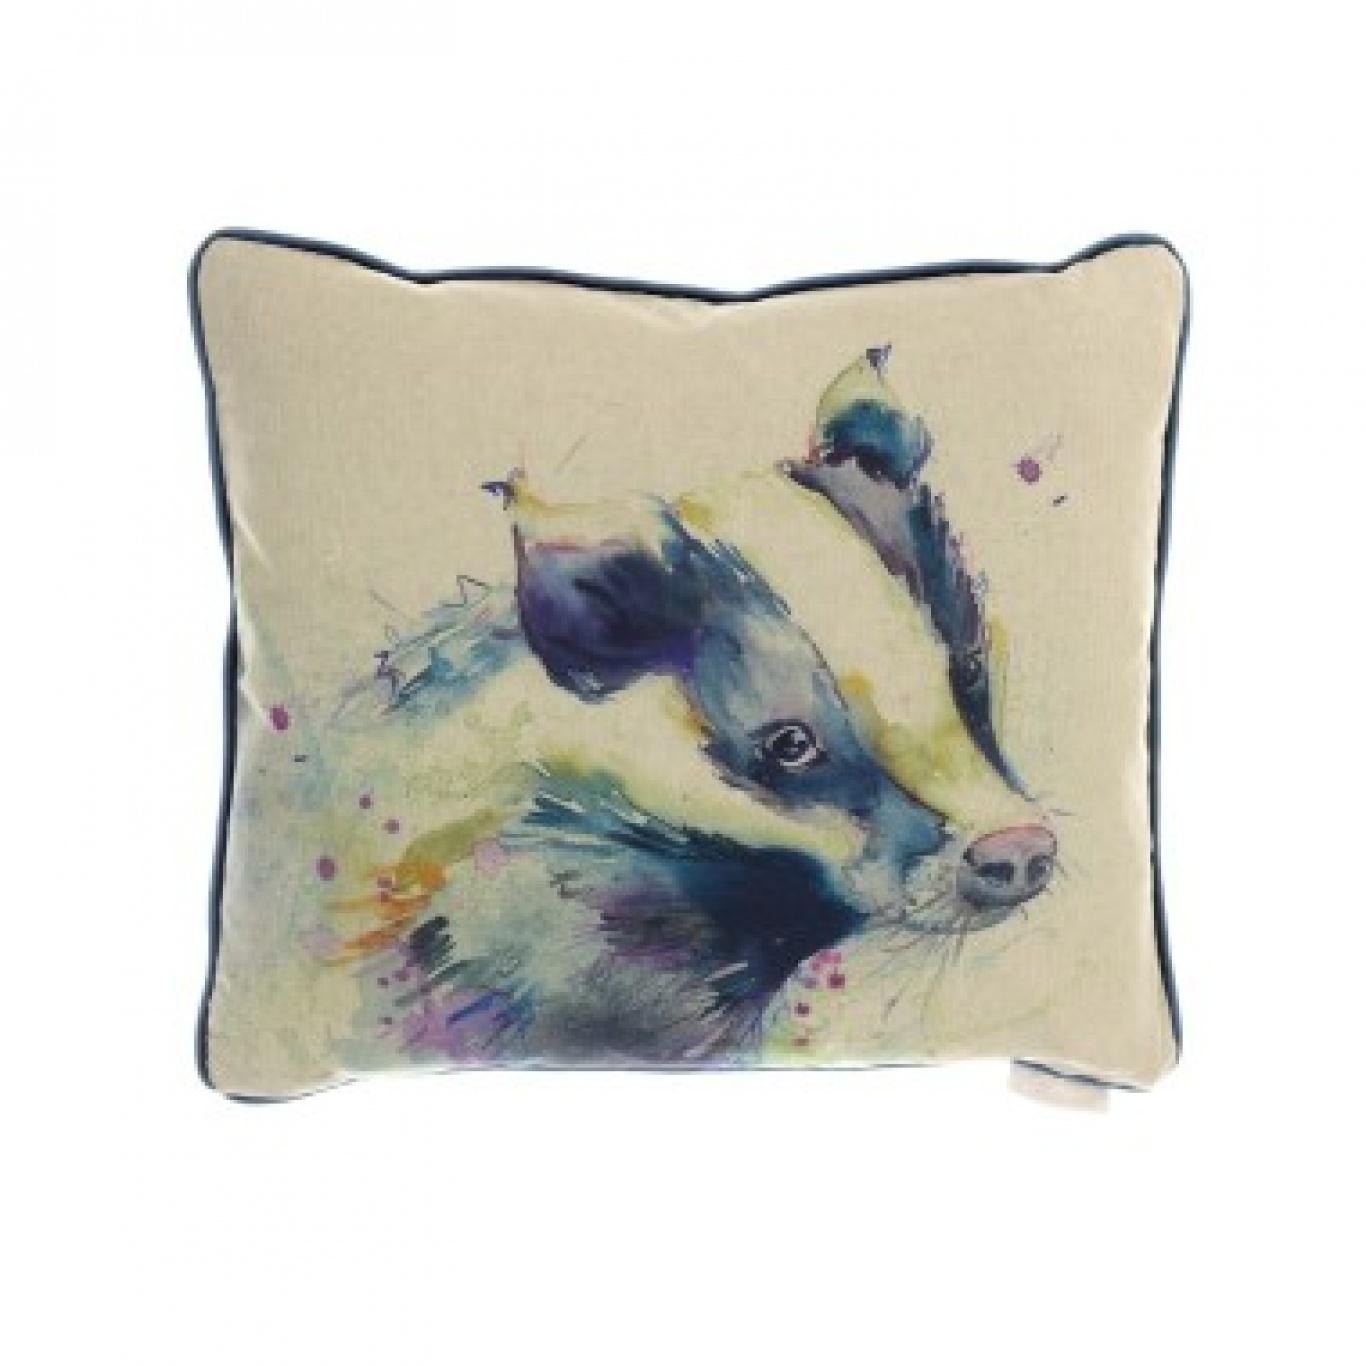 Image of Voyage Badger Cushion